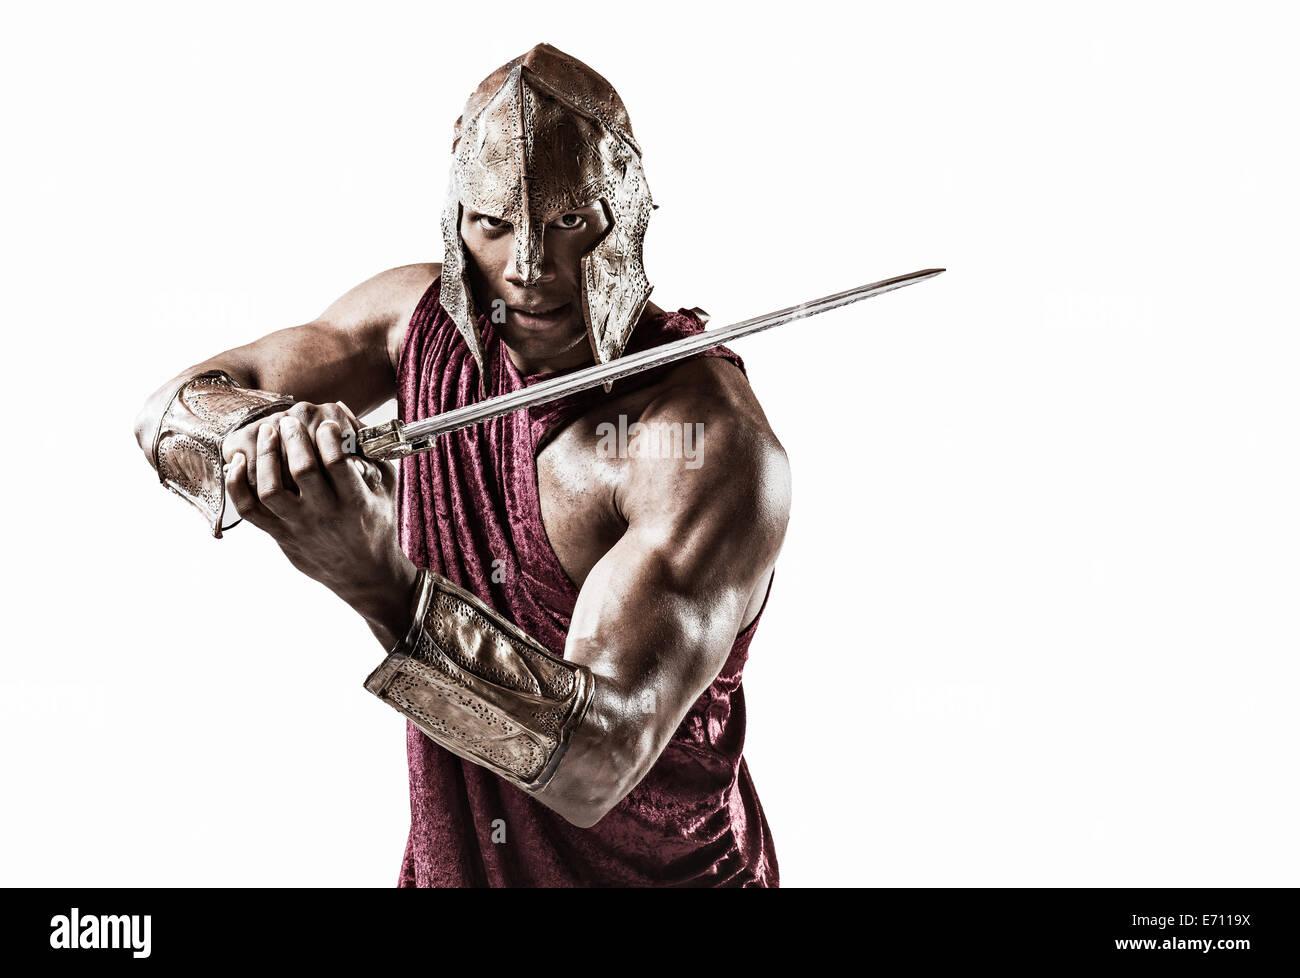 Studioportrait von muskulösen jungen Mann verkleidet als Gladiator mit Helm und Schwert Stockbild